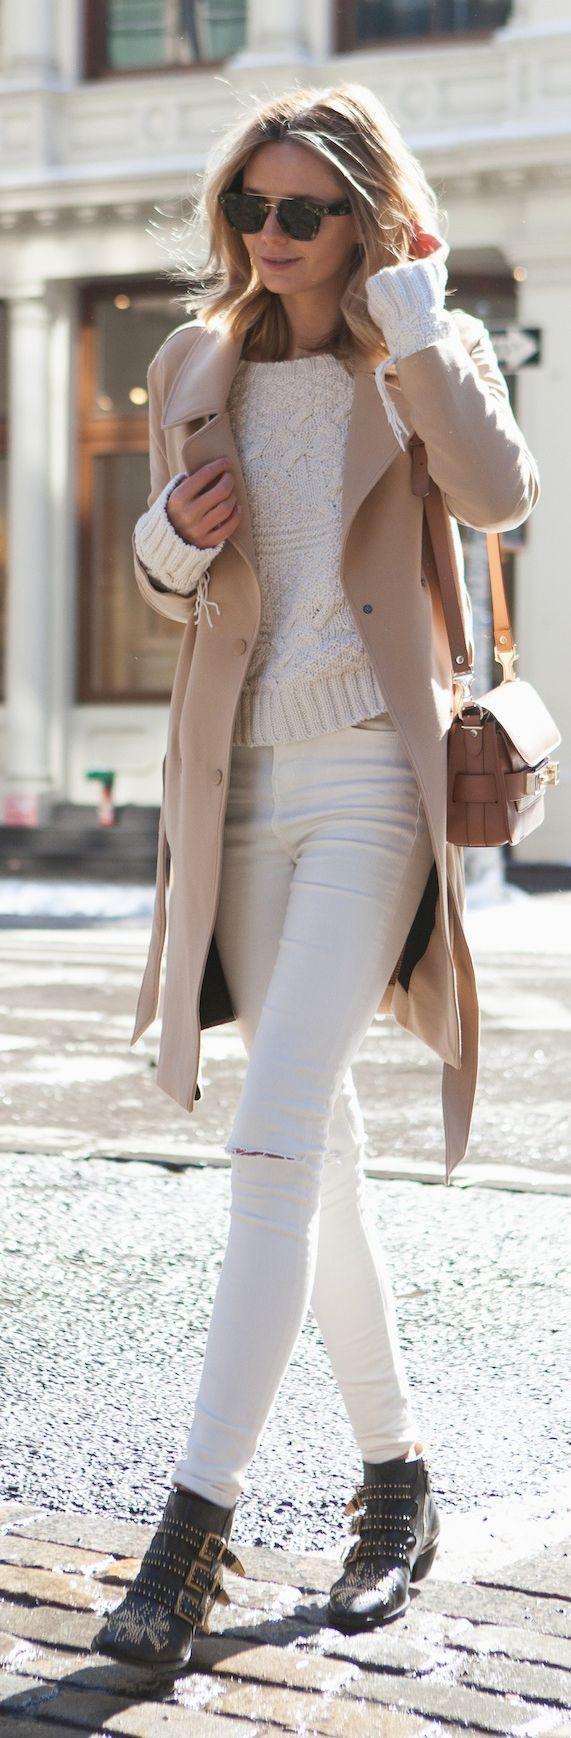 Les 25 meilleures id es concernant jean rev tus sur pinterest tenue pour le week end tenue - Tenue jean blanc ...